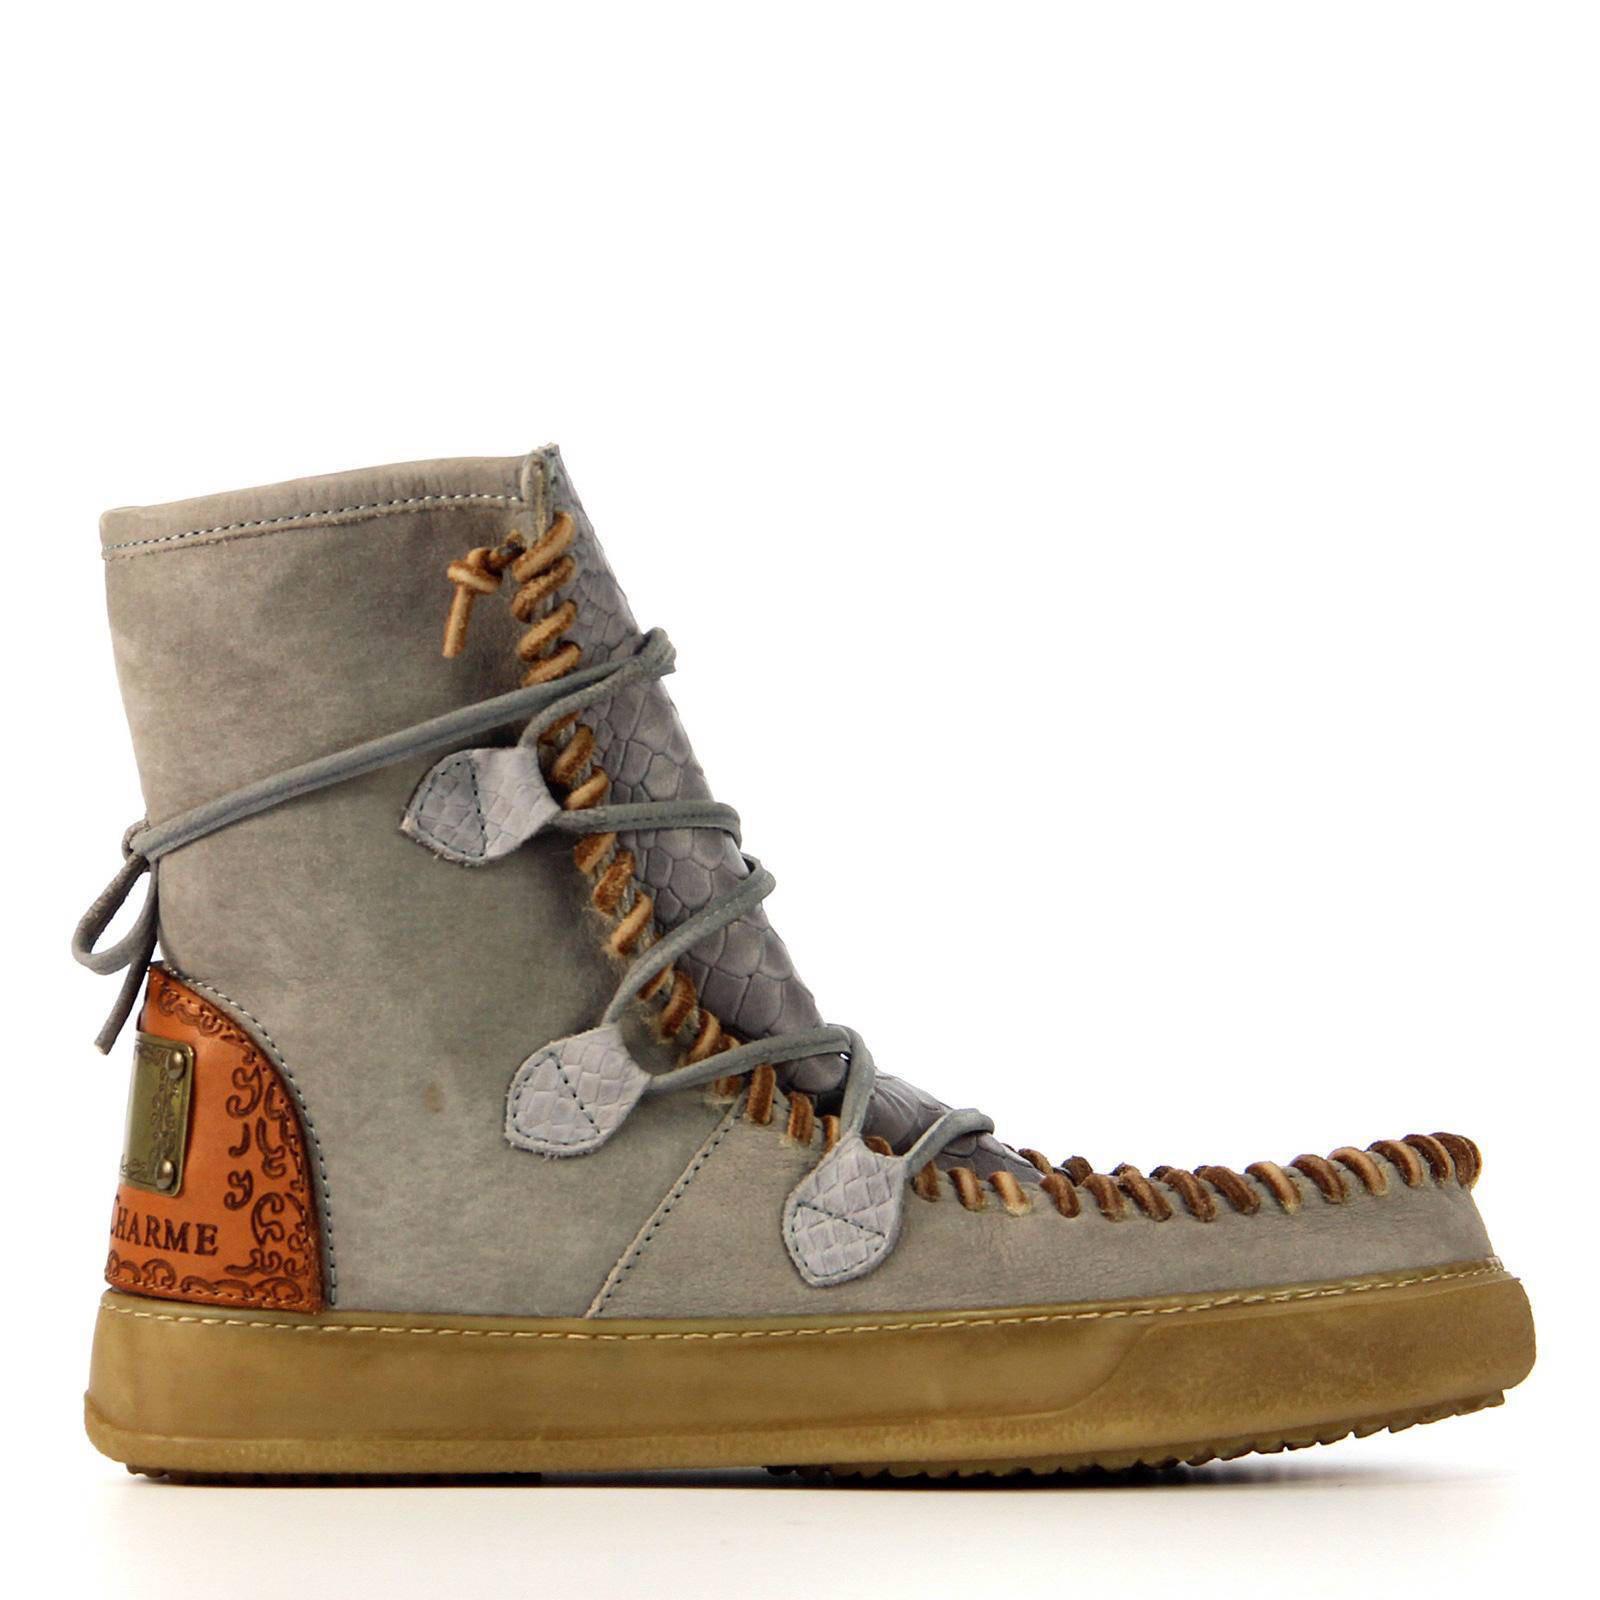 Goede prijzen 100% echt klassieke pasvorm of charme sale dames laarzen karma 17033feada - kwaradaily.com